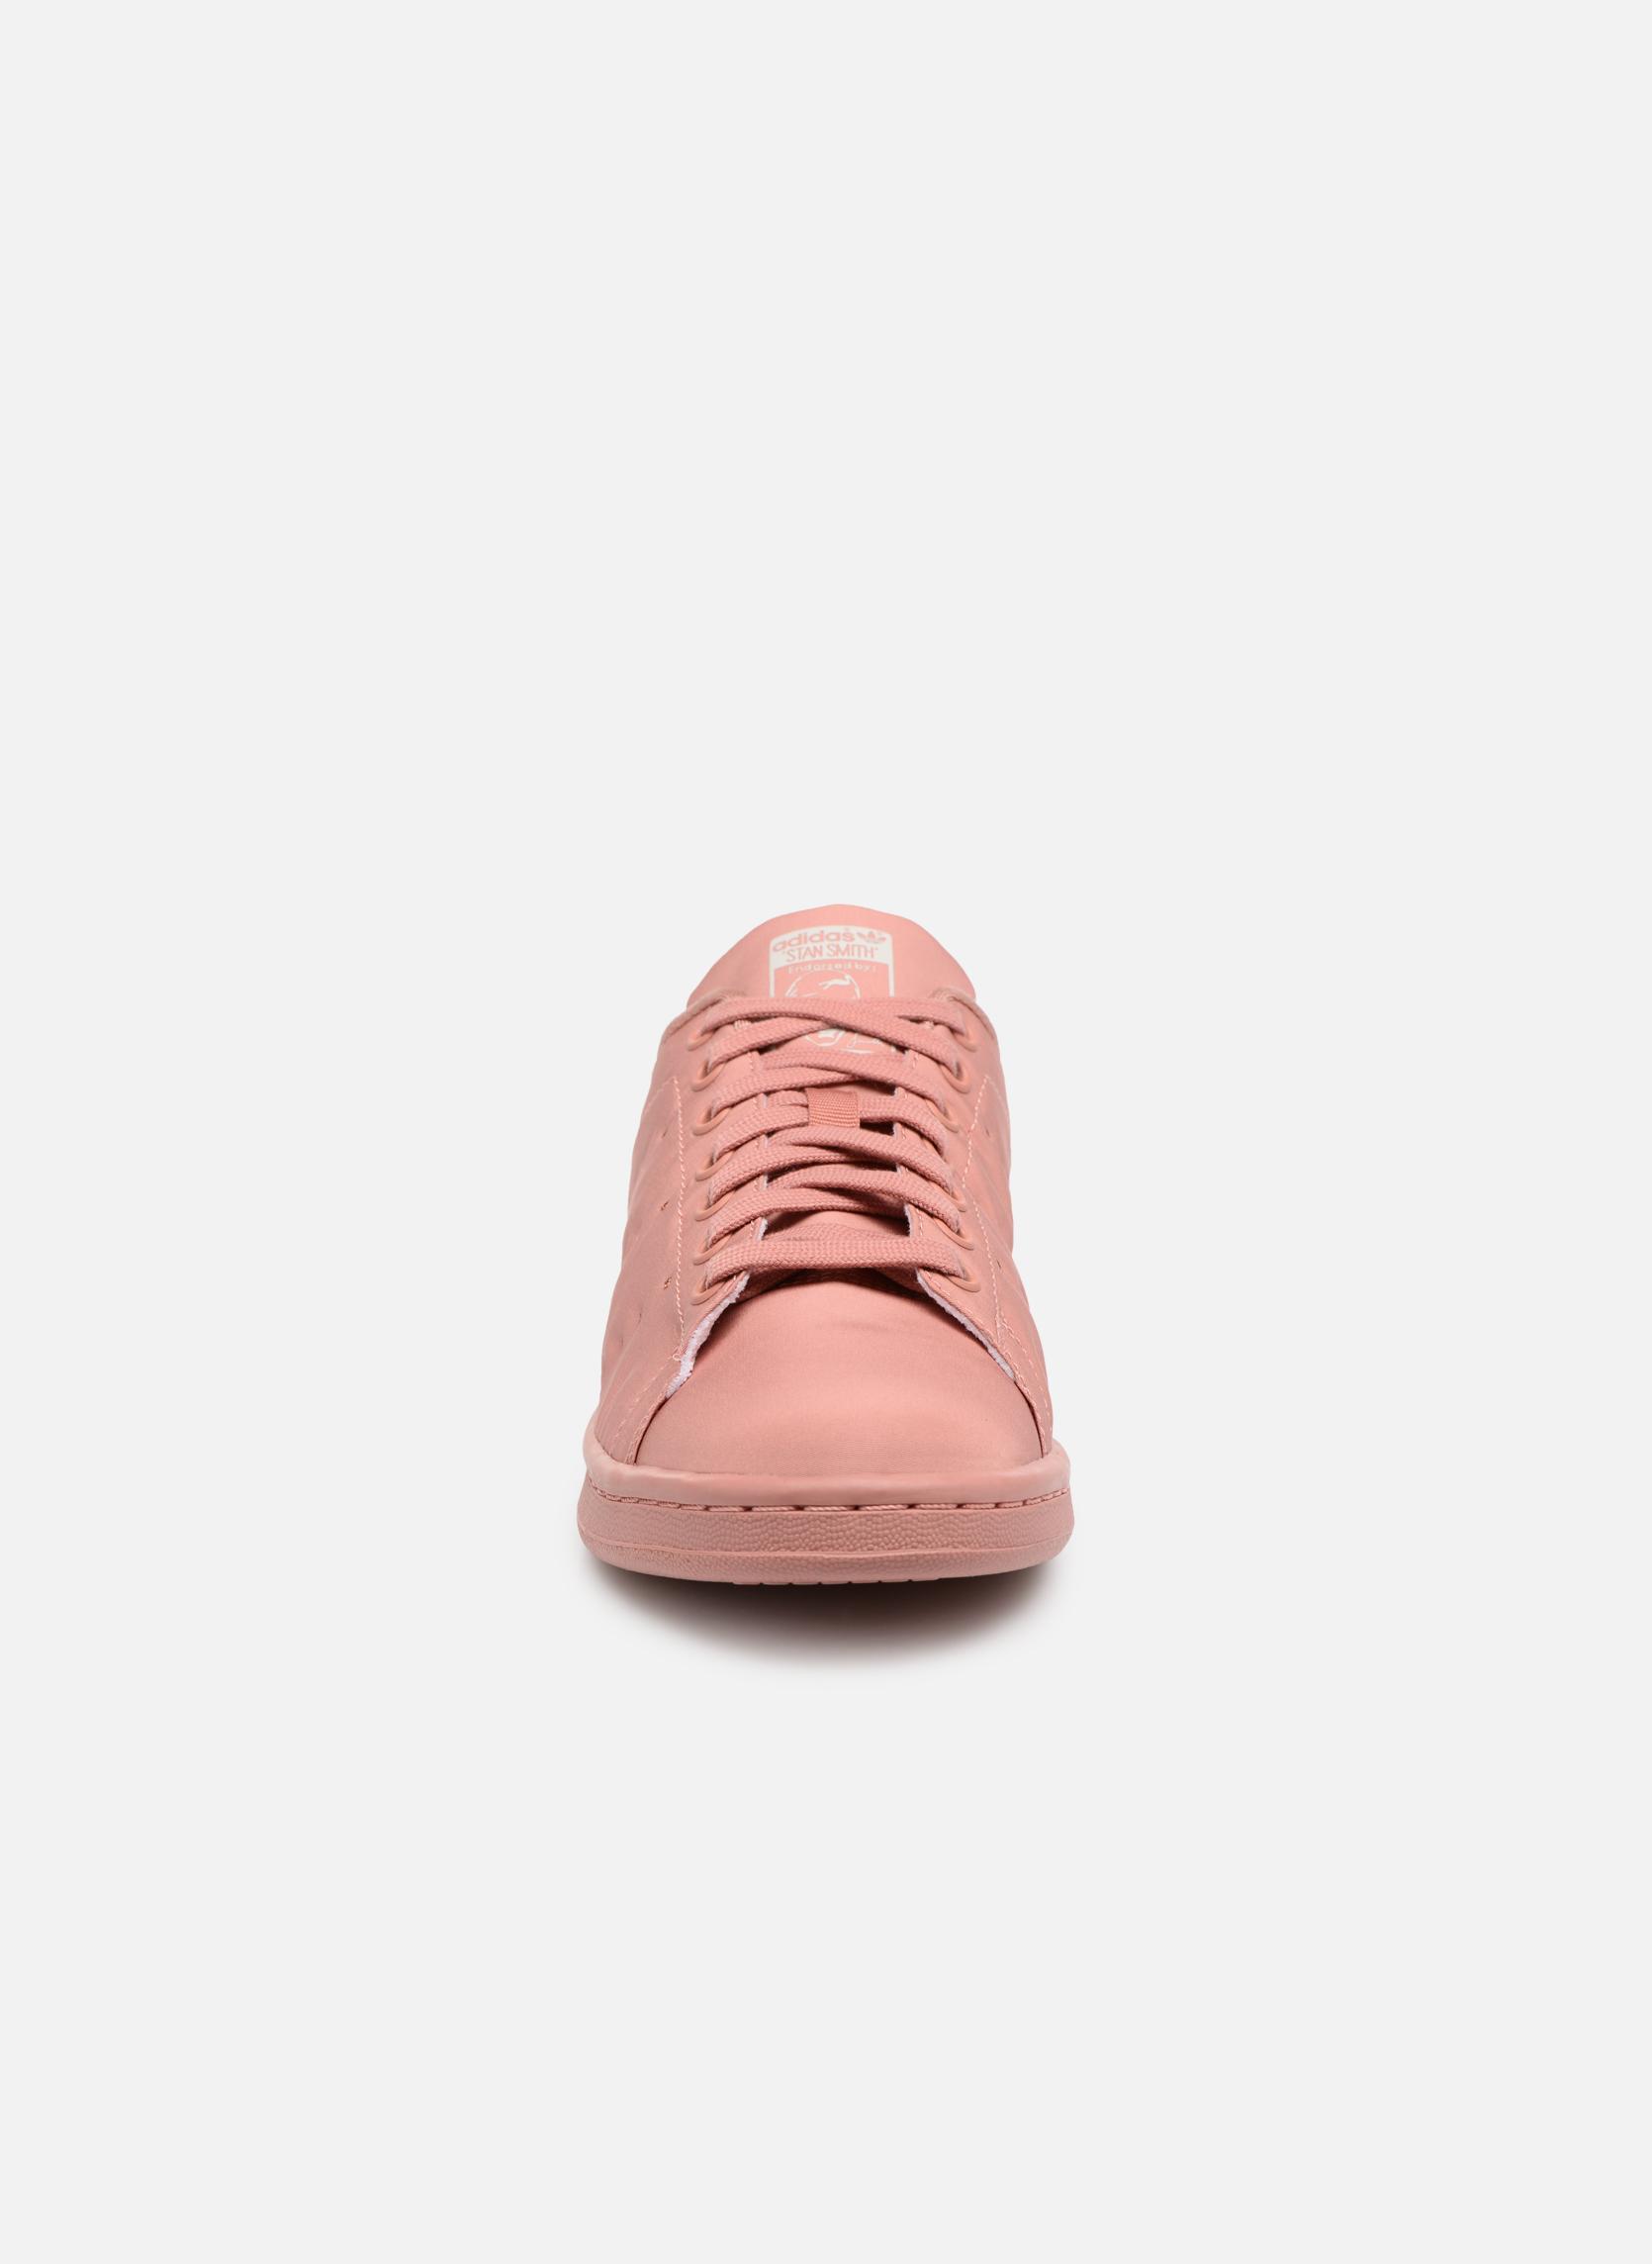 Adidas Originals Stan Smith W 28 Parere